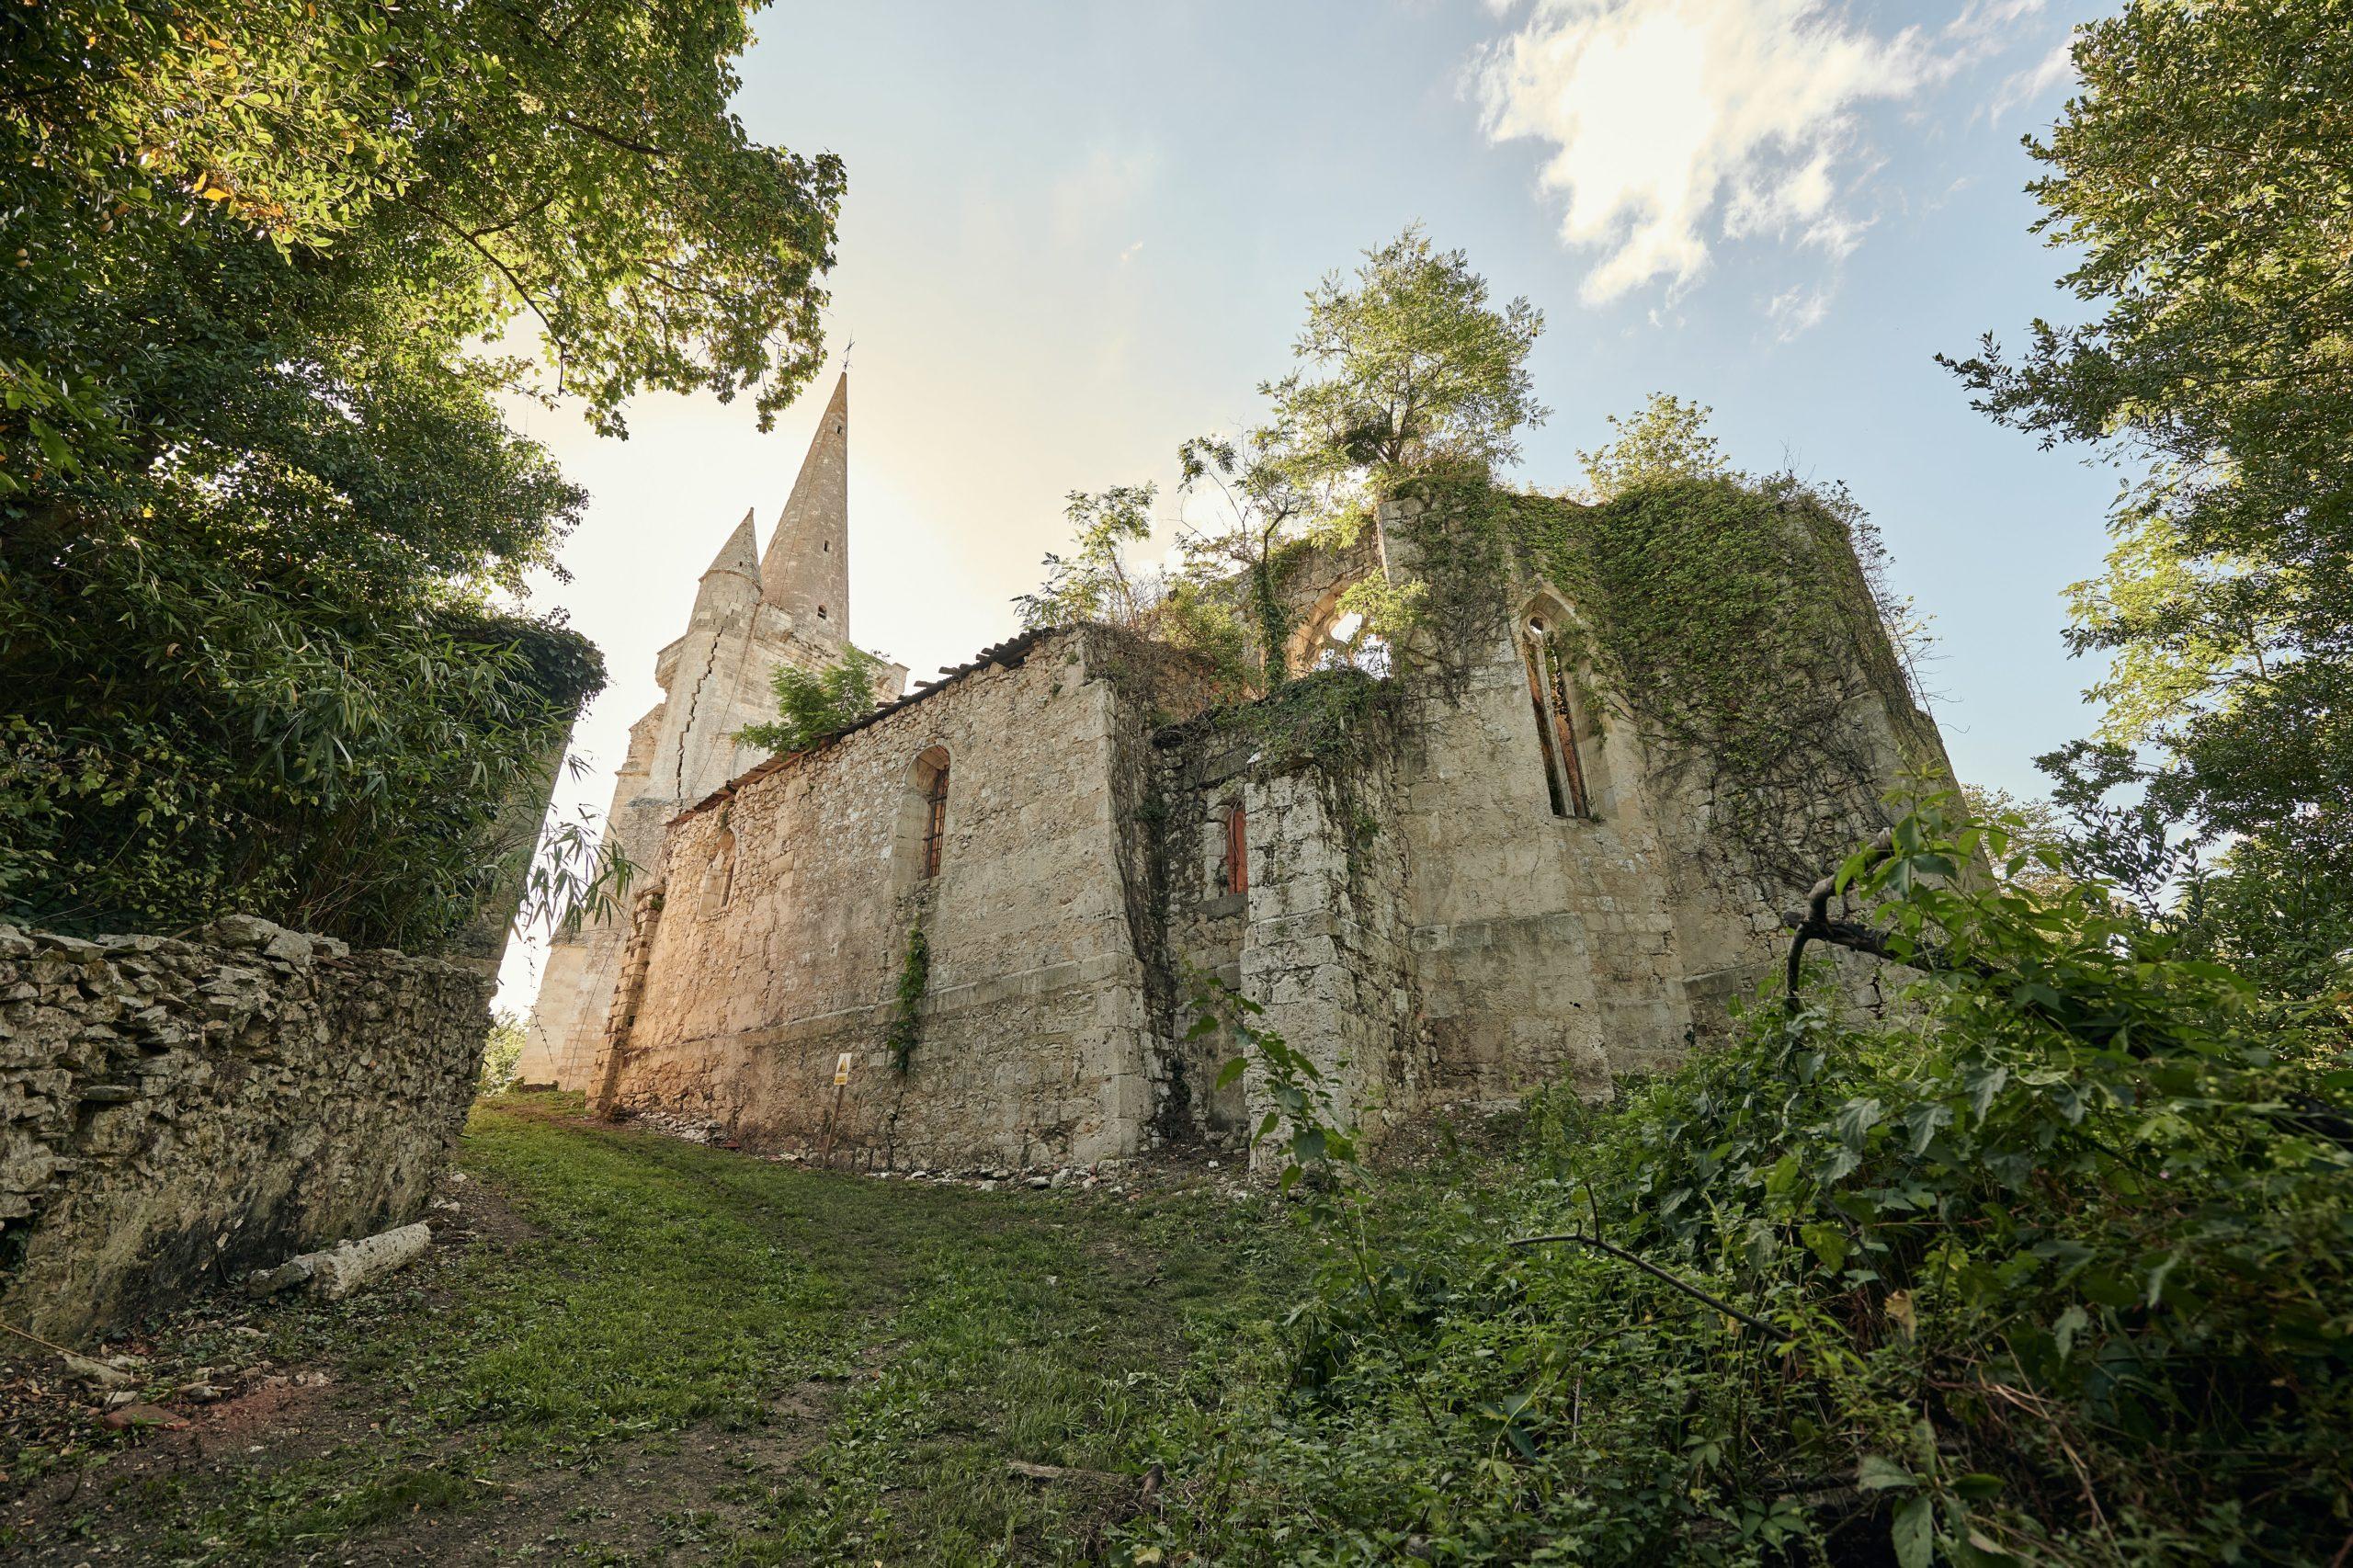 Eglise du château de Buzet